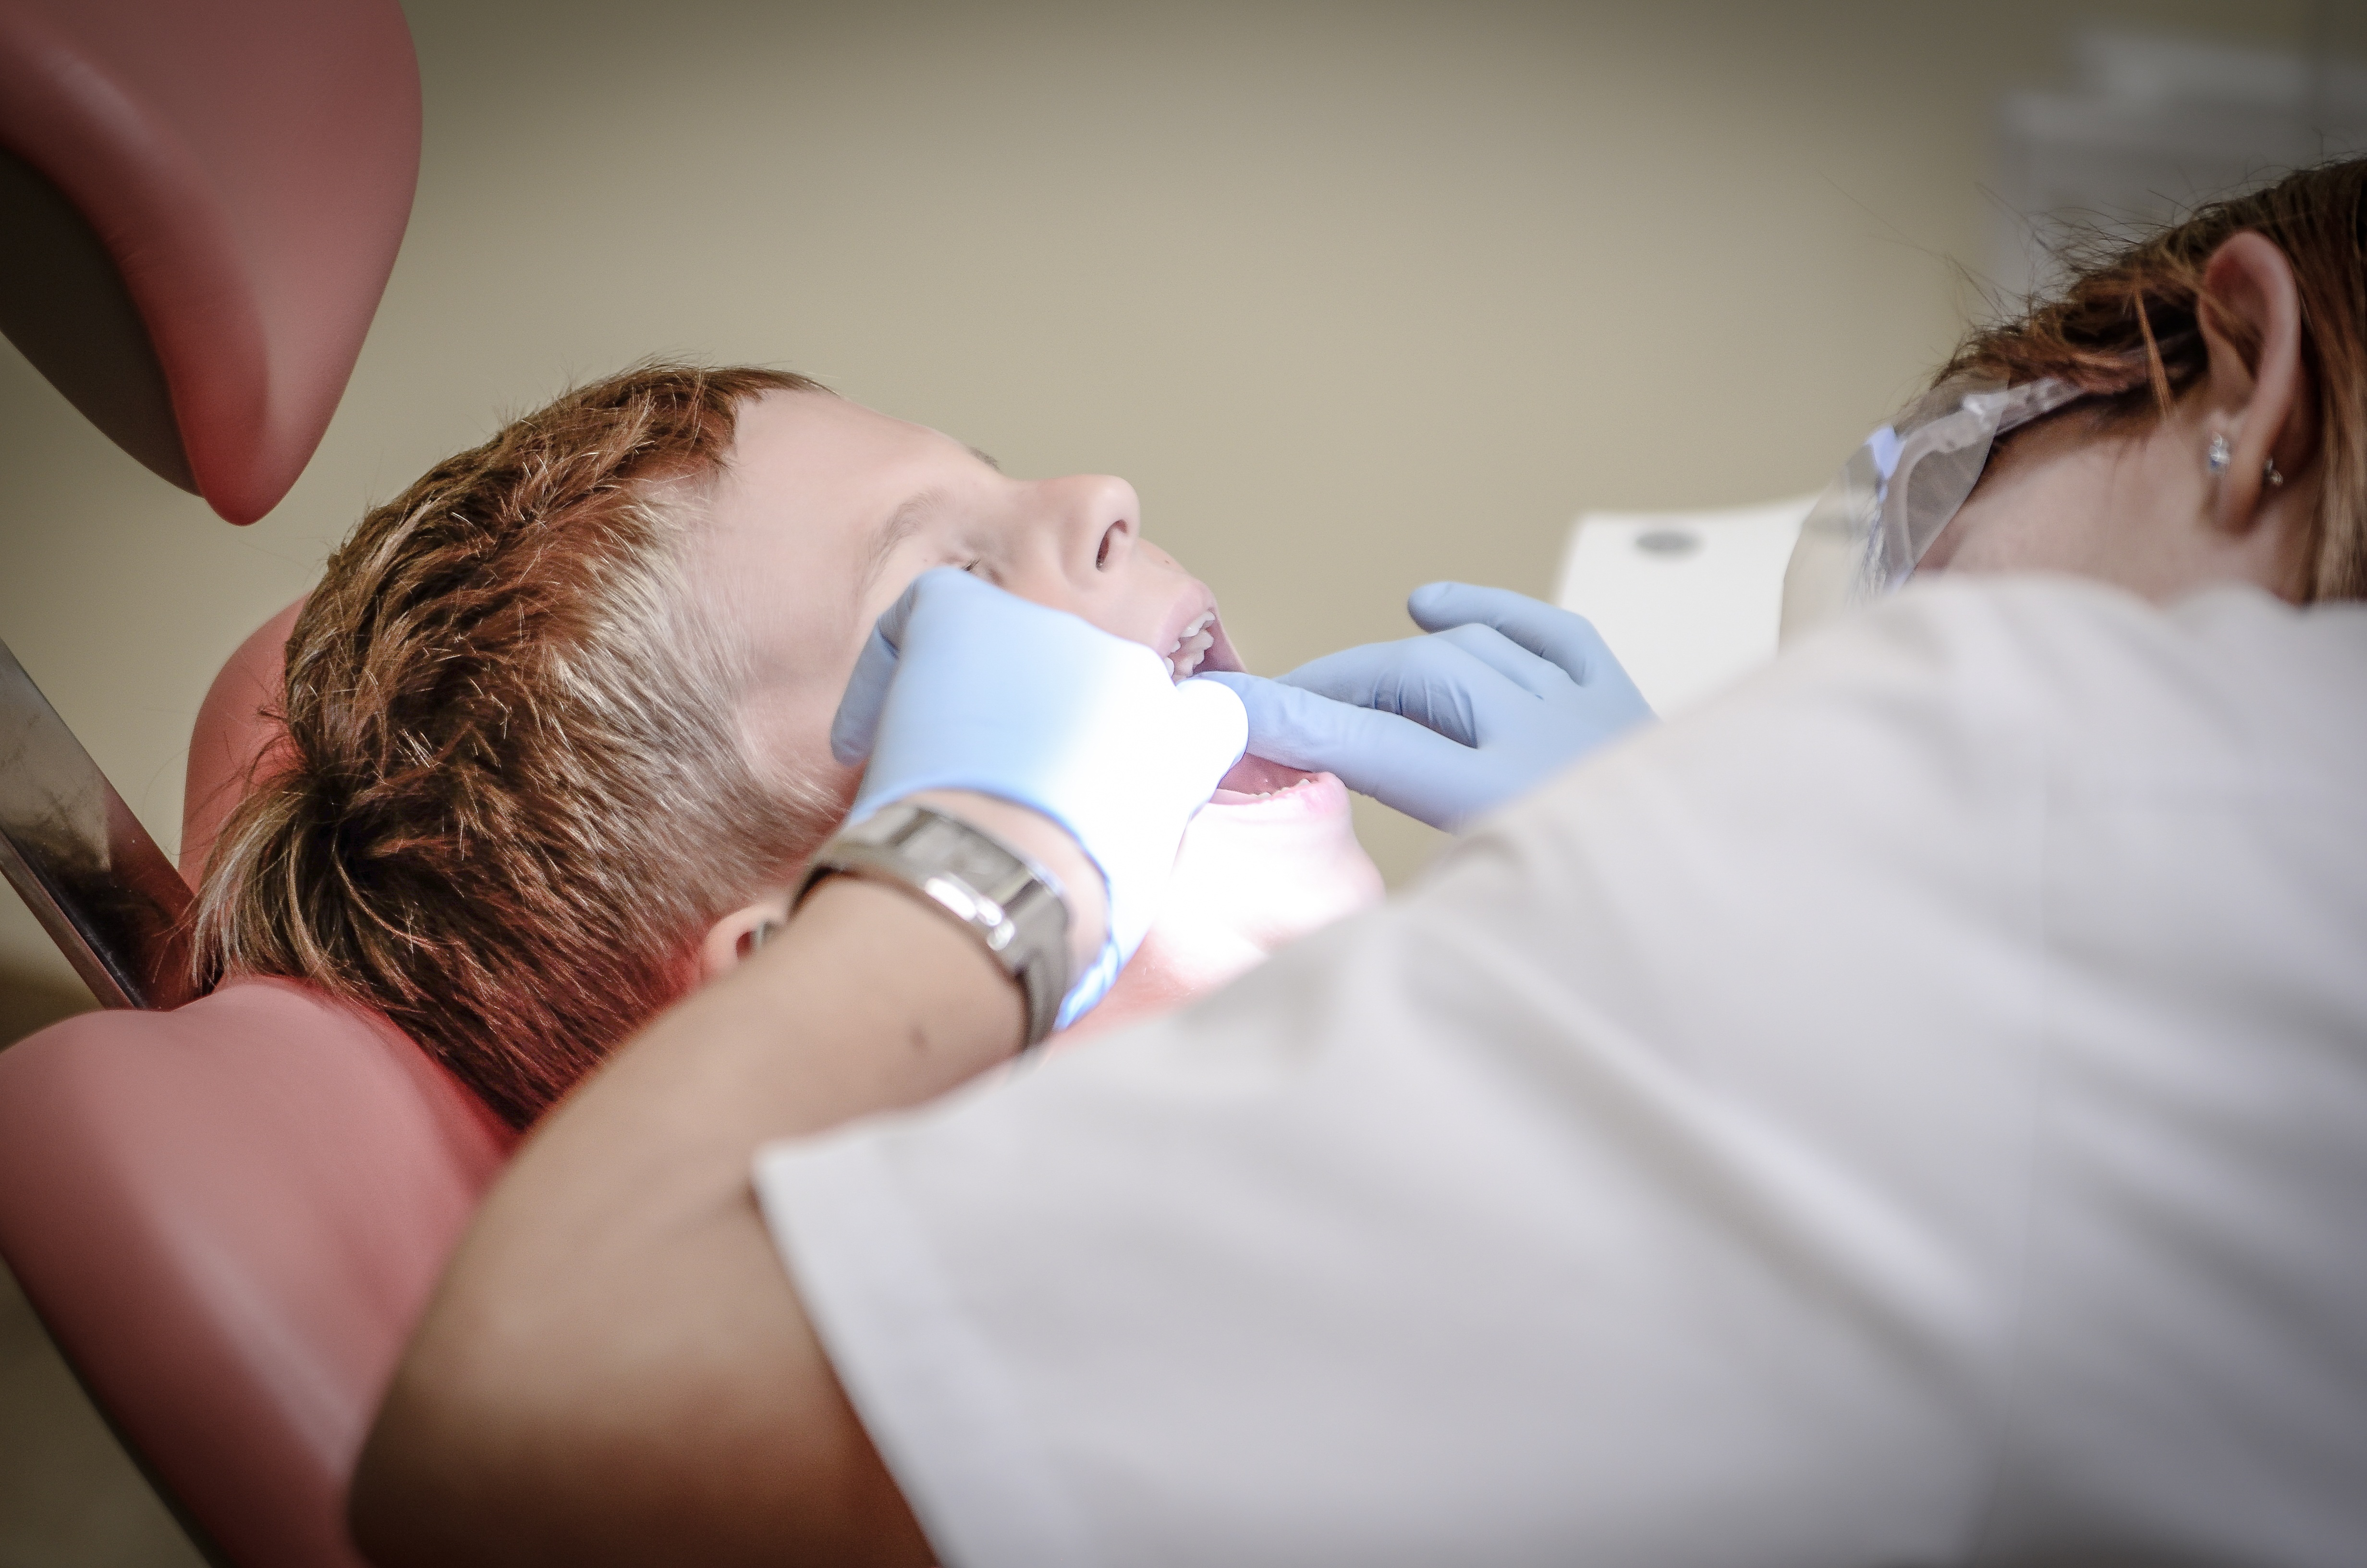 Spécialités dentaires - Les dentistes spécialistes